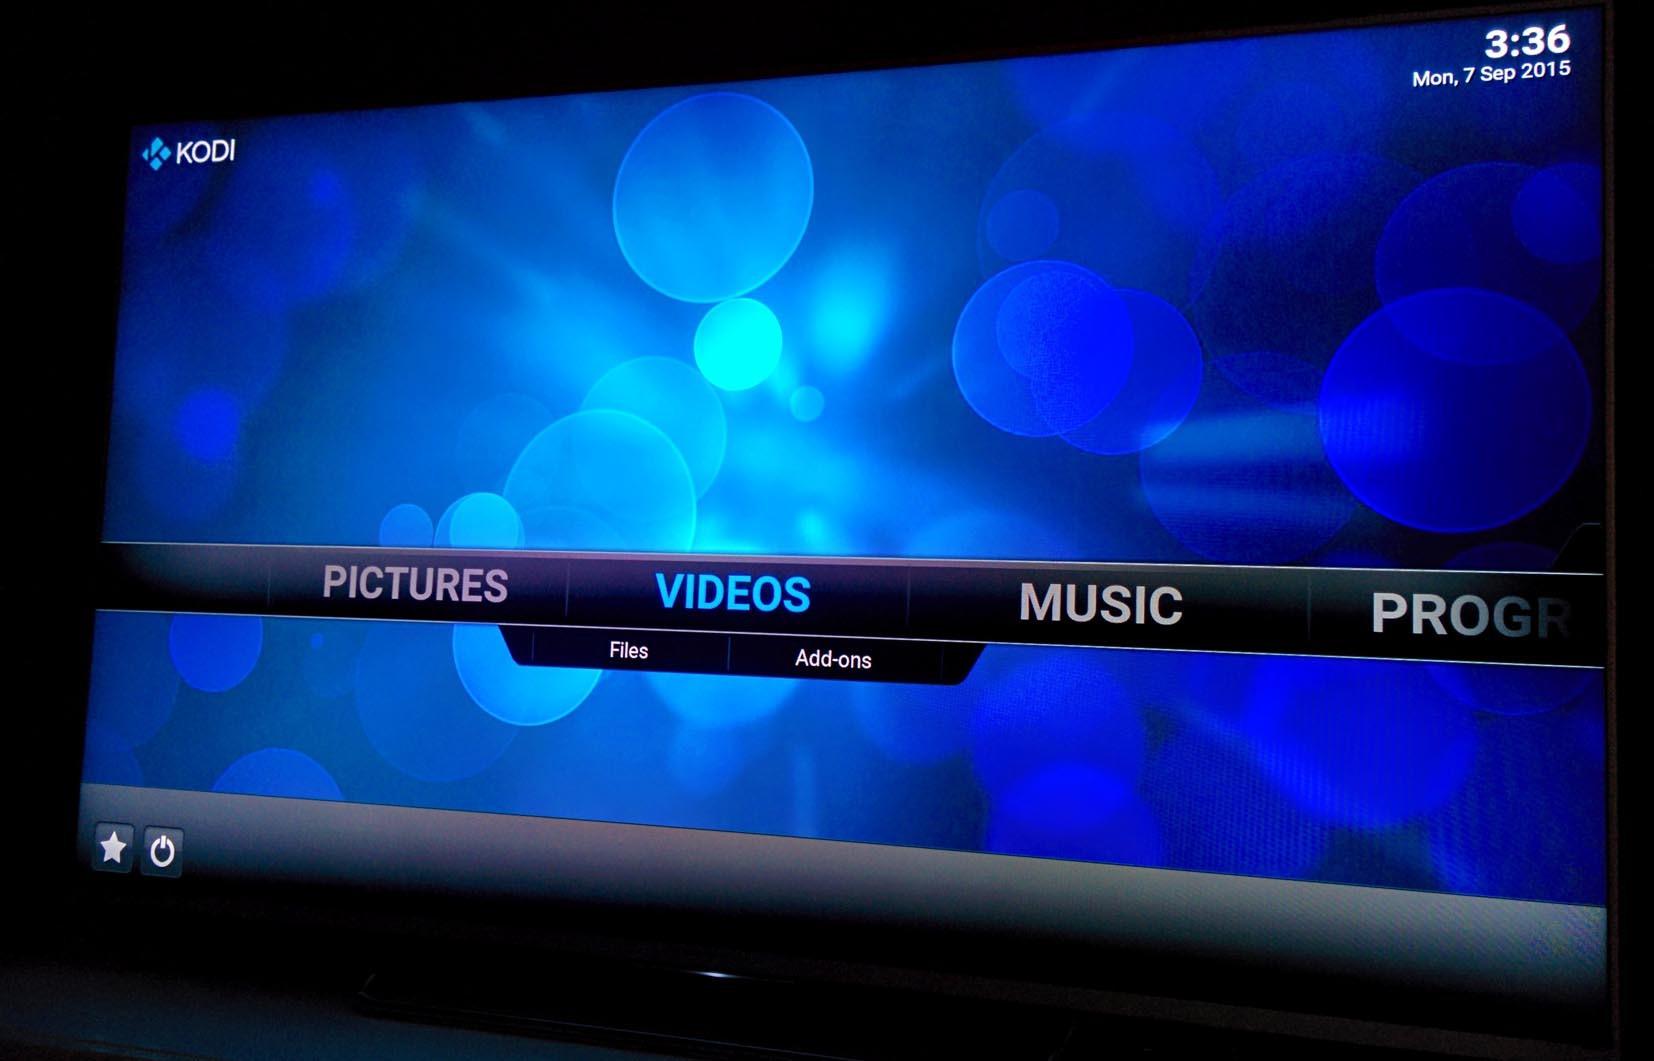 Обзор true Android TV на примере Sony 55w807c - 11